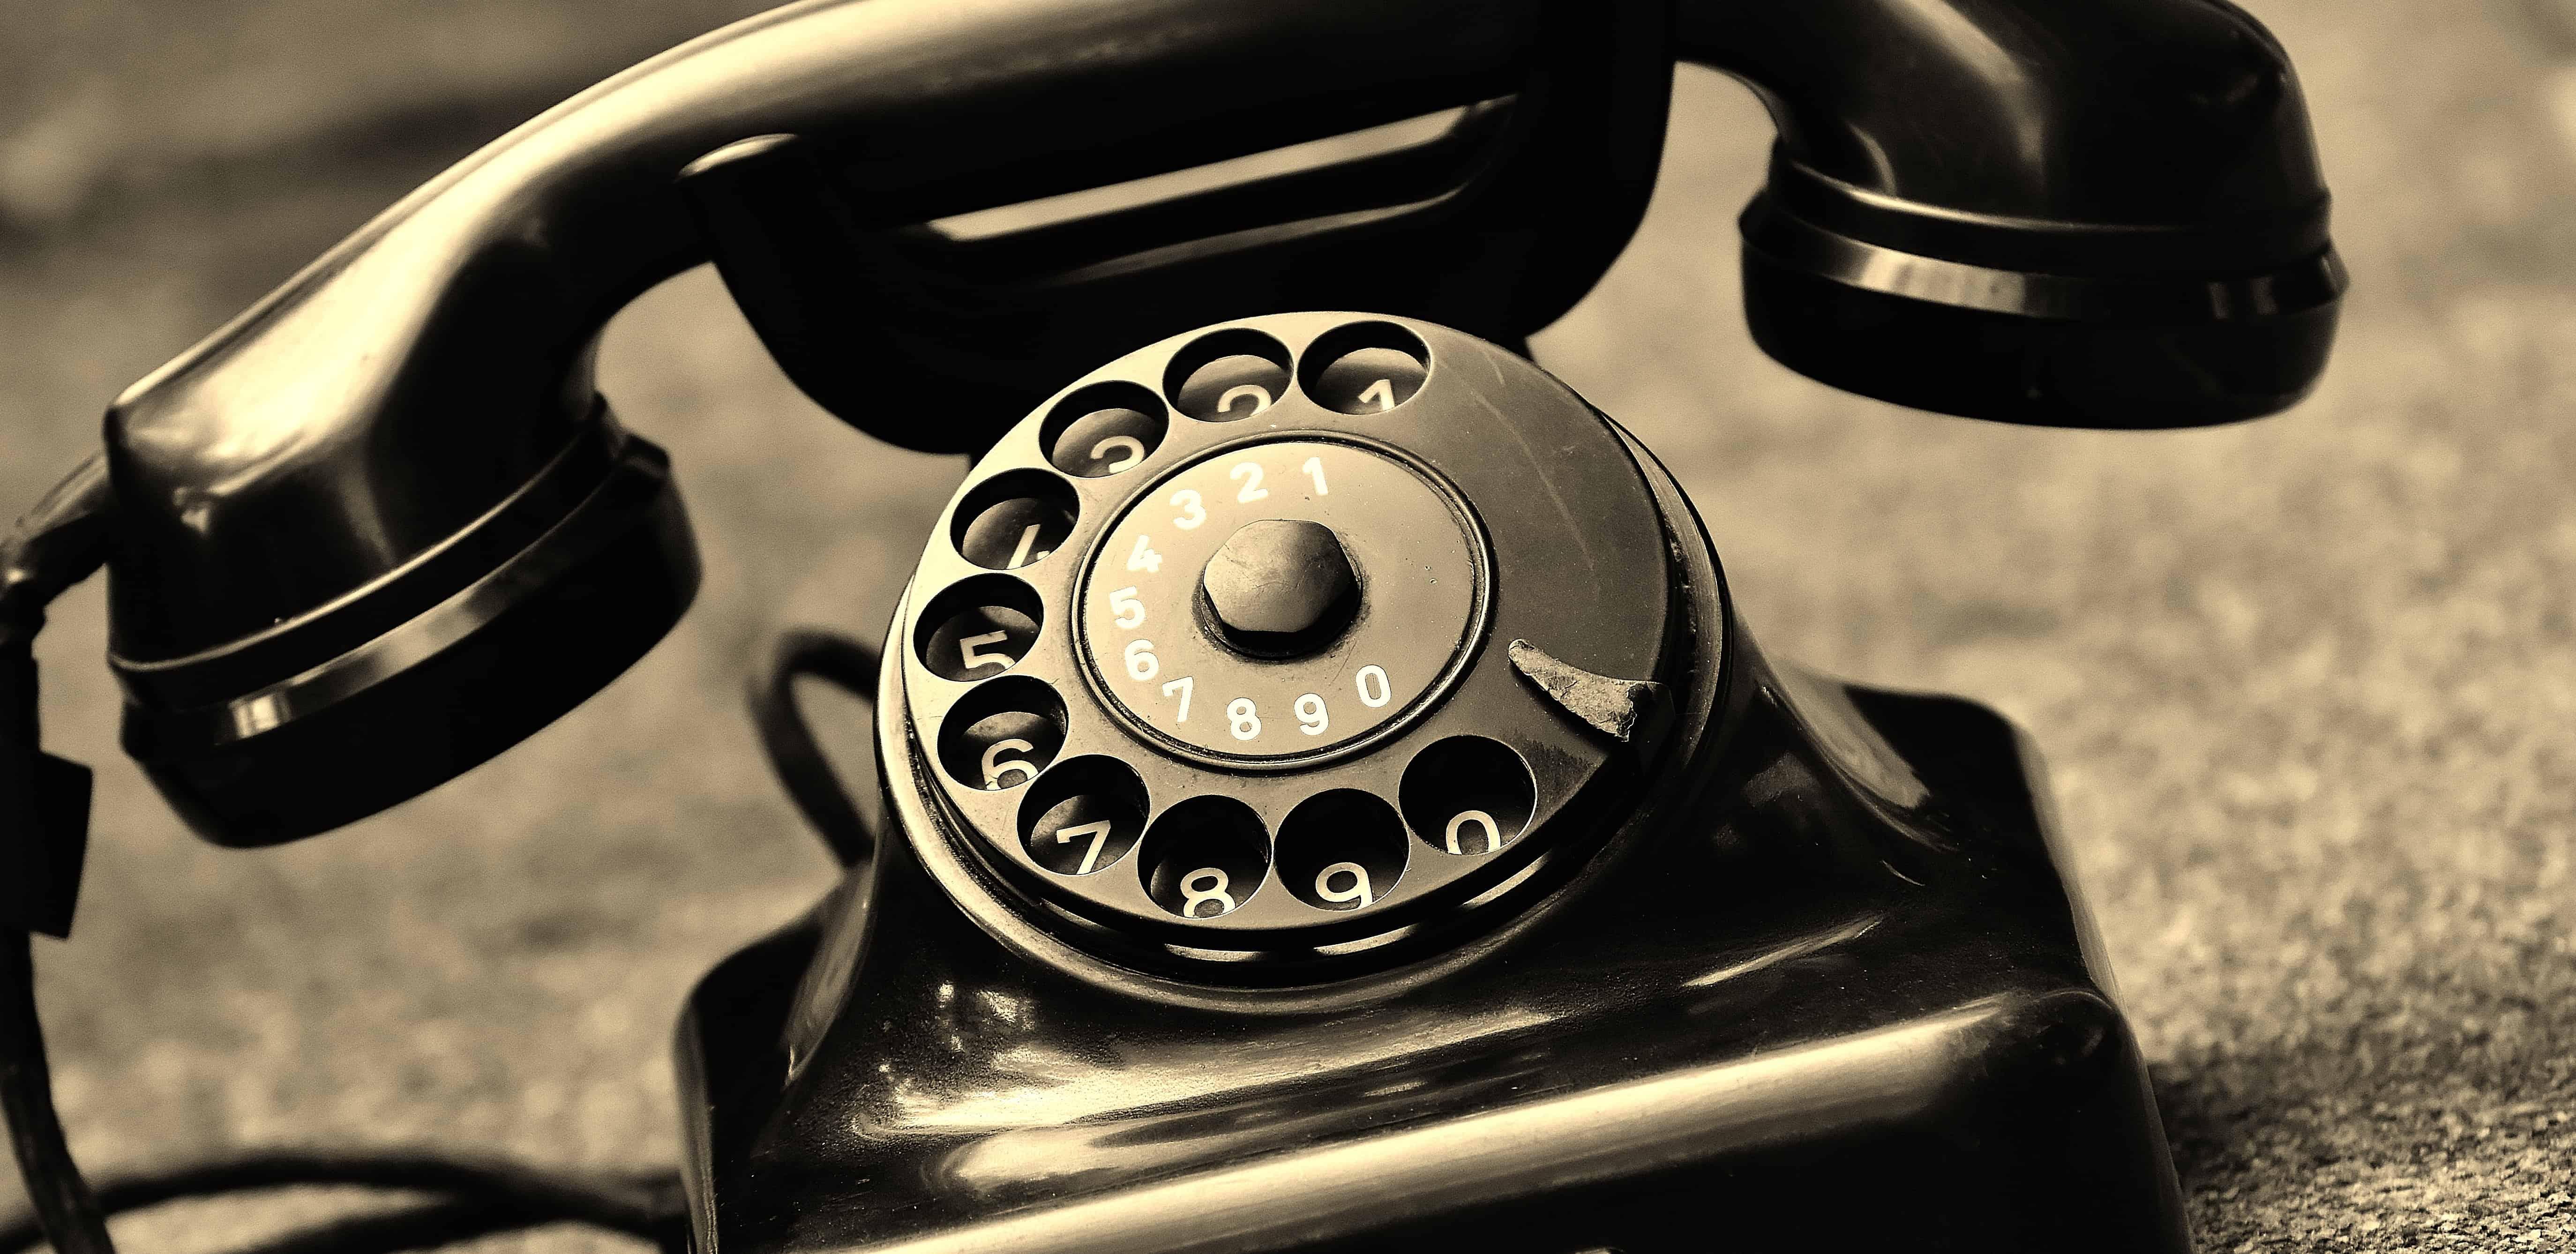 bt phones lines